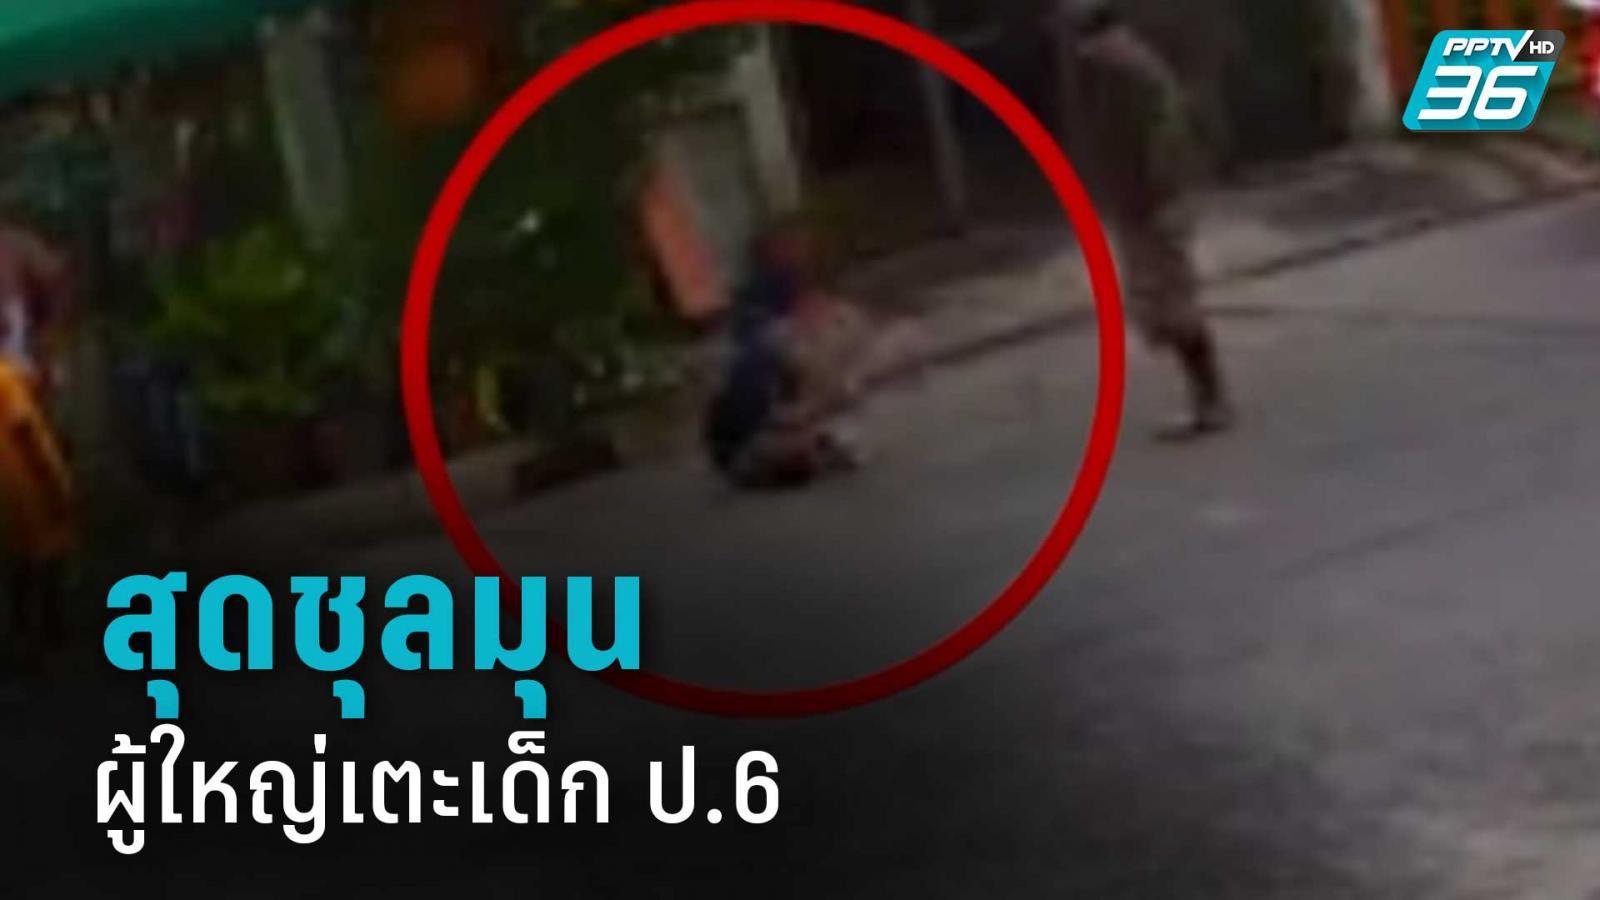 สุดชุลมุน ตำรวจแยกคดี 3 ส่วน ผู้ใหญ่เตะเด็ก ป.6